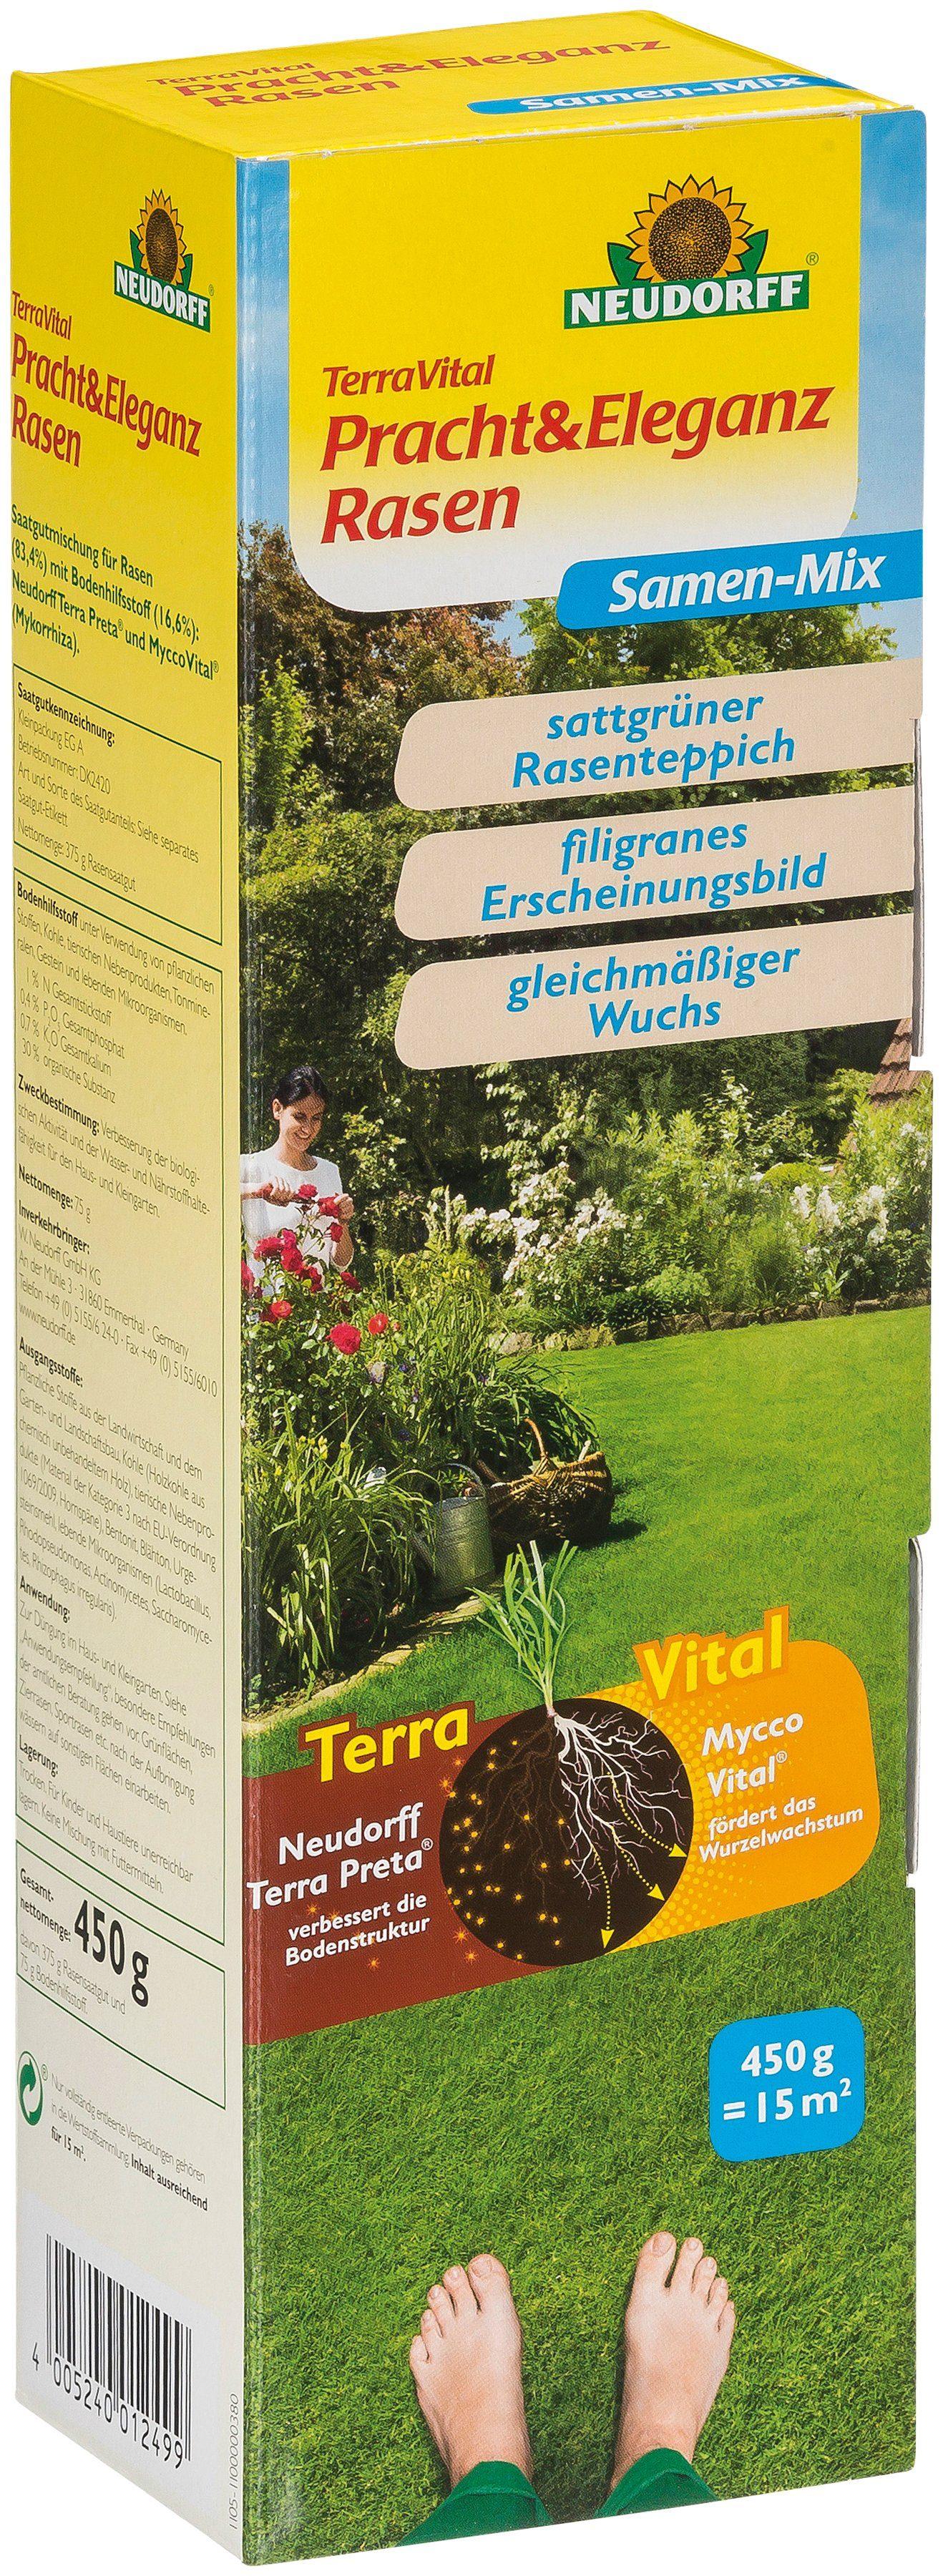 NEUDORFF Sport- und Spielrasen »TerraVital Pracht&Eleganz«, 450 g